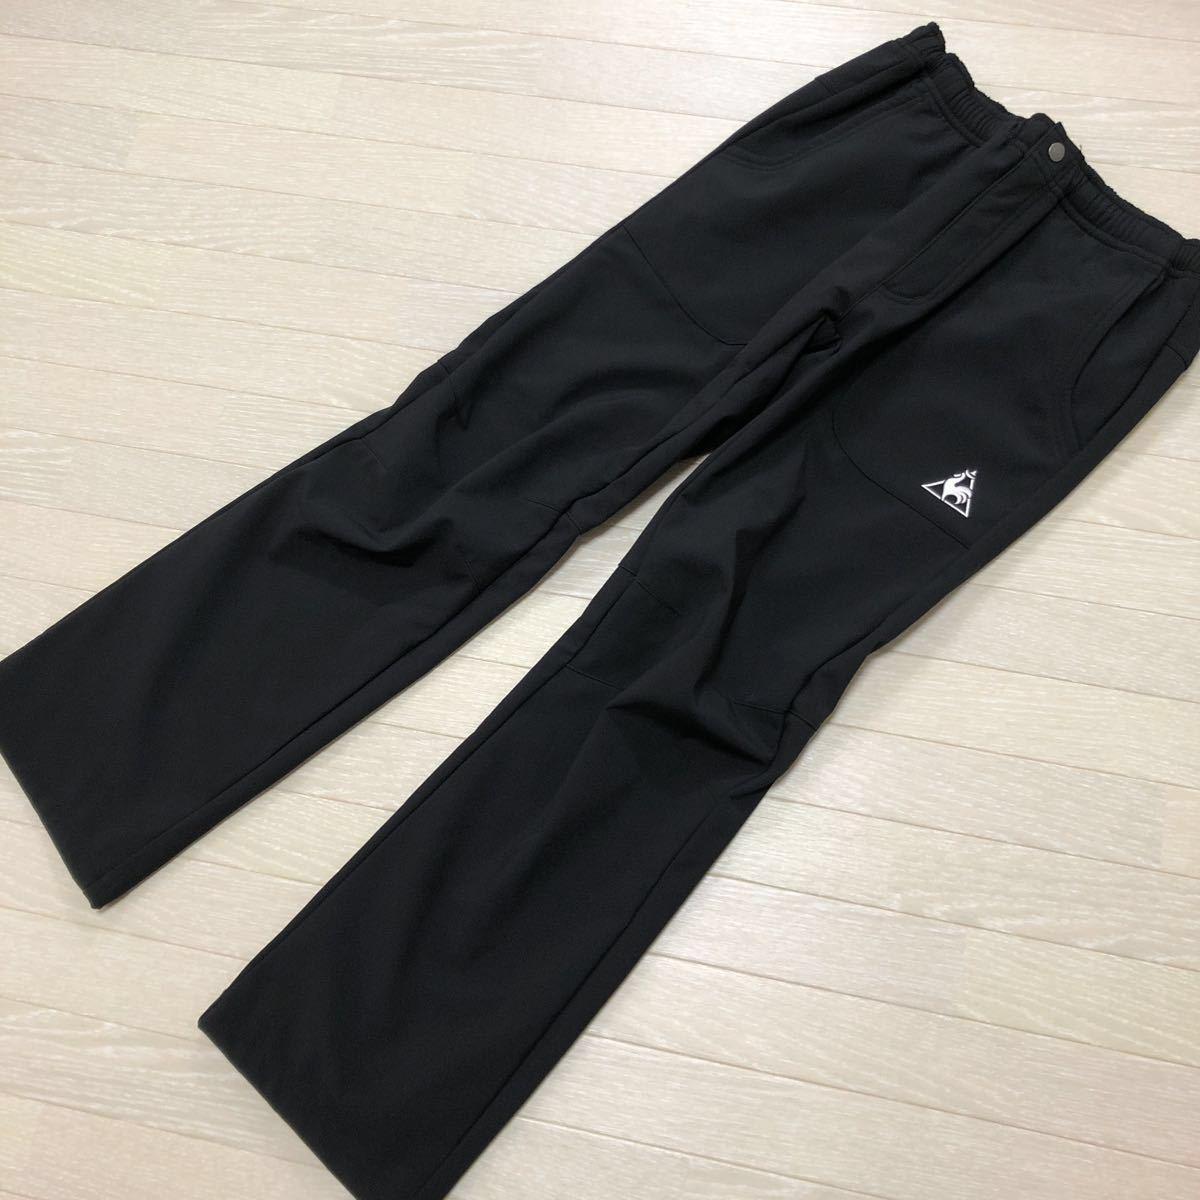 ルコック le coq sportif ウインタートレーニングパンツ QB-481153ウインドブレーカー ロングパンツ ゴルフ テニス 防寒 ブラック サイズL_画像1